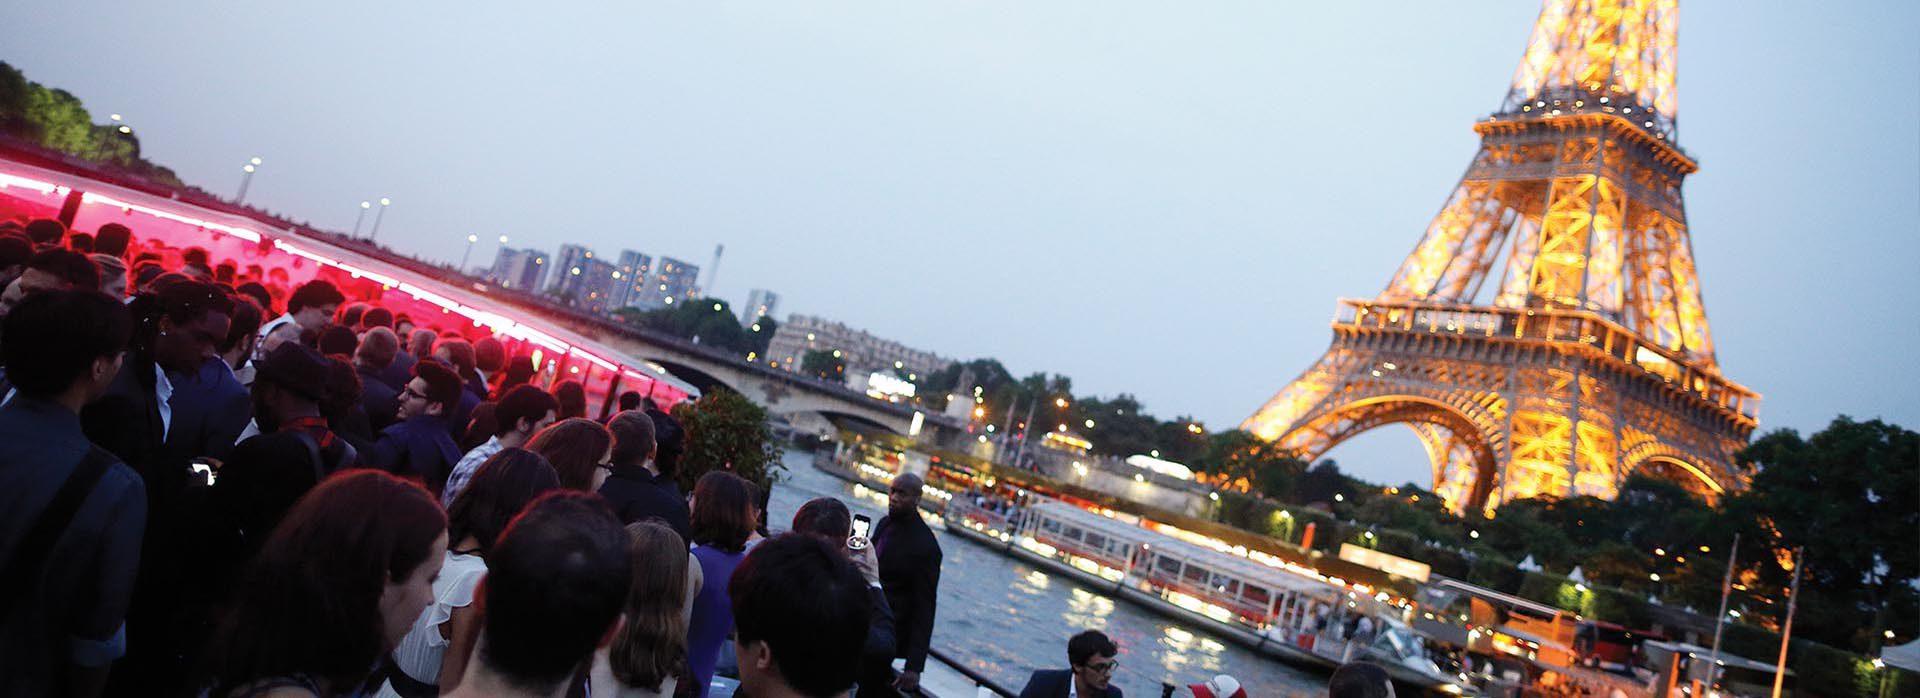 ISART Paris